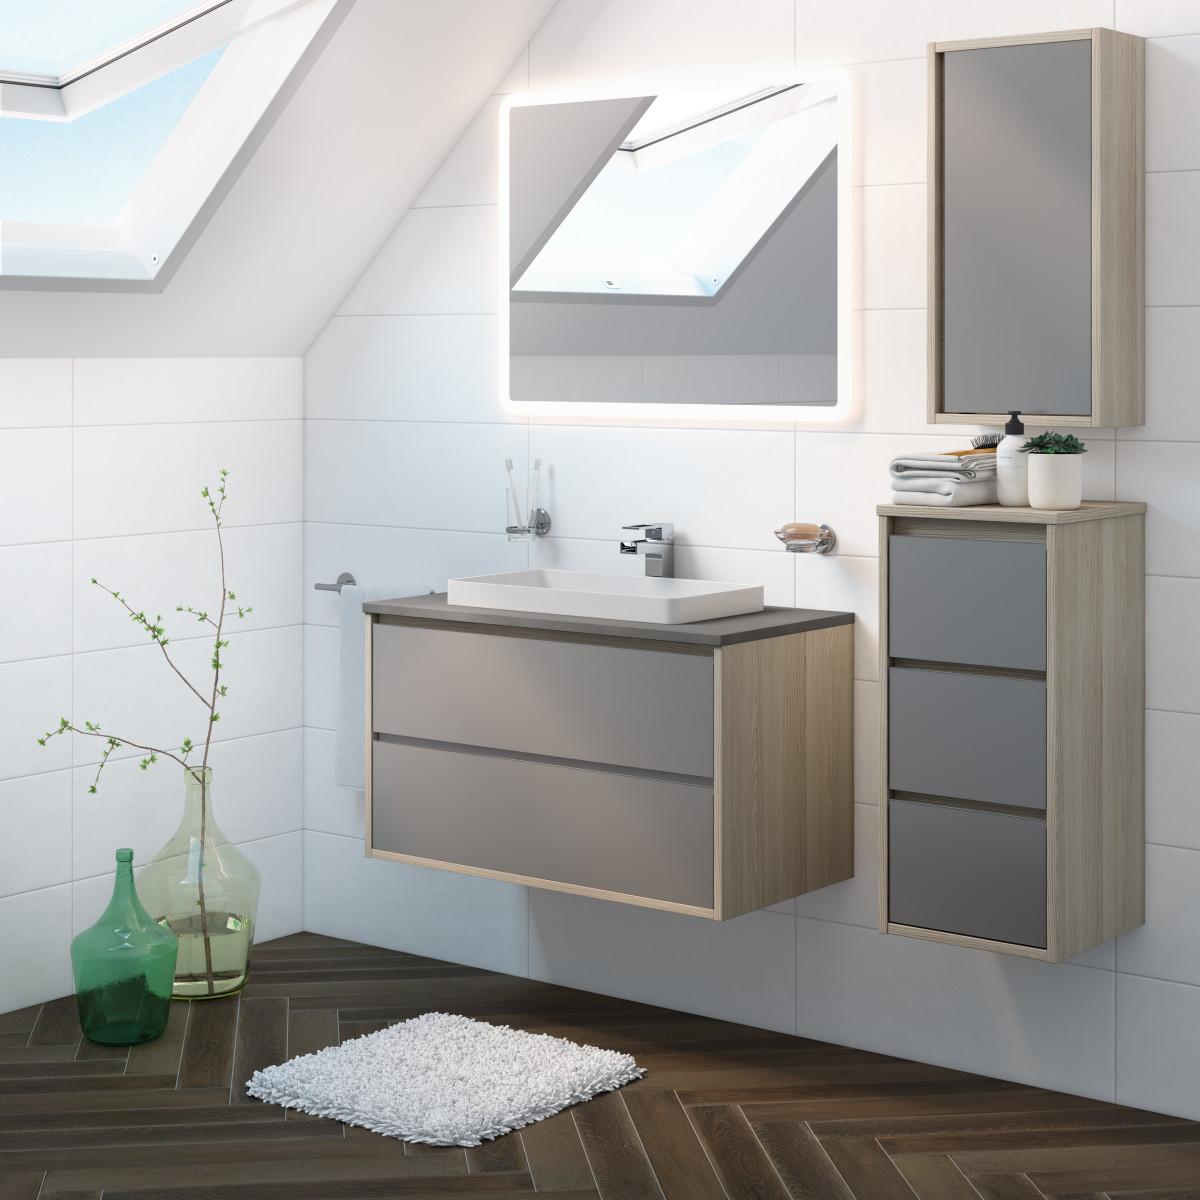 Mobili bagno ovali economiche - Mobili lavabo bagno offerte ...